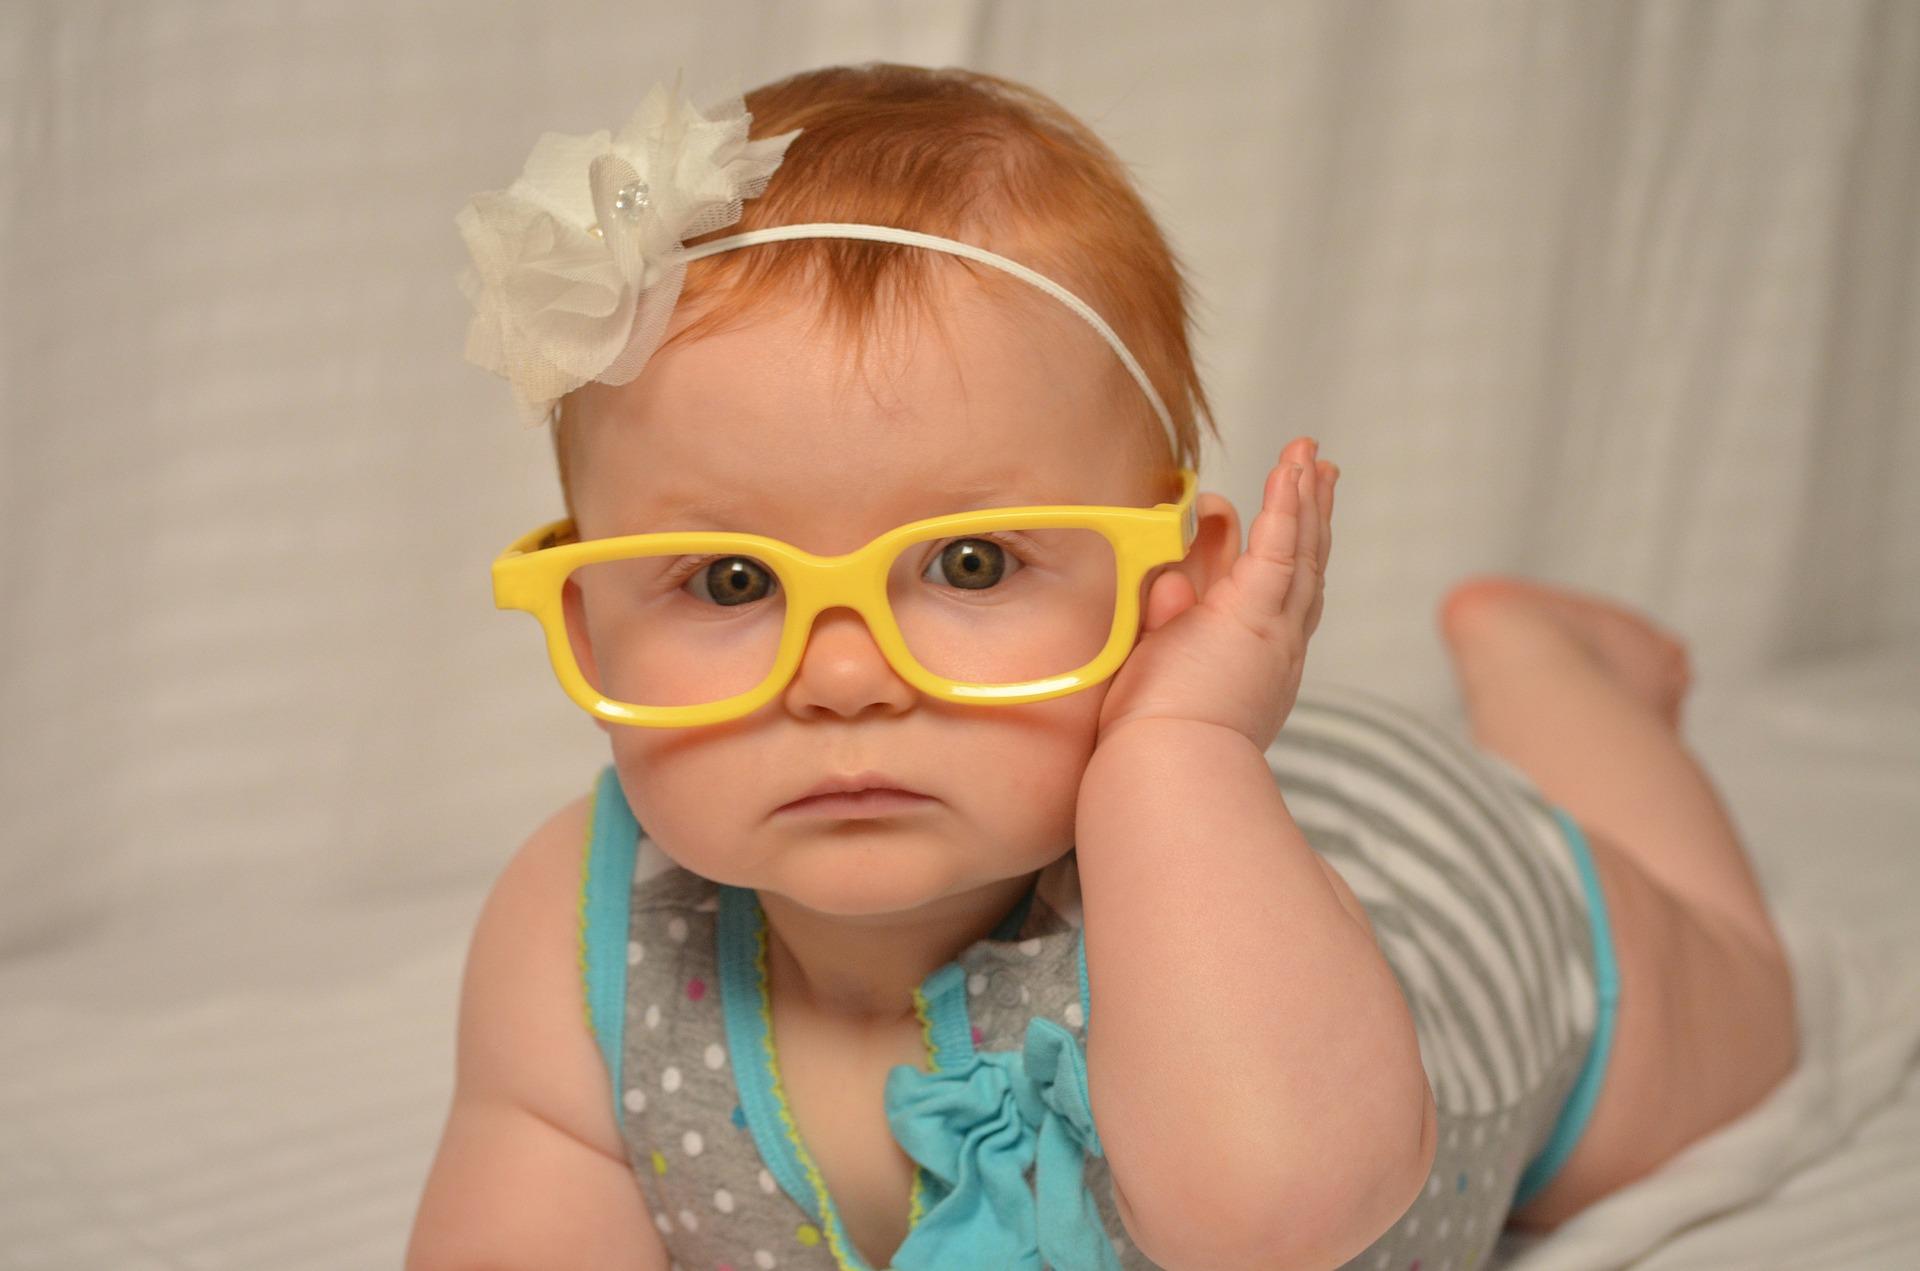 小孩如何选择眼镜以及保护眼睛